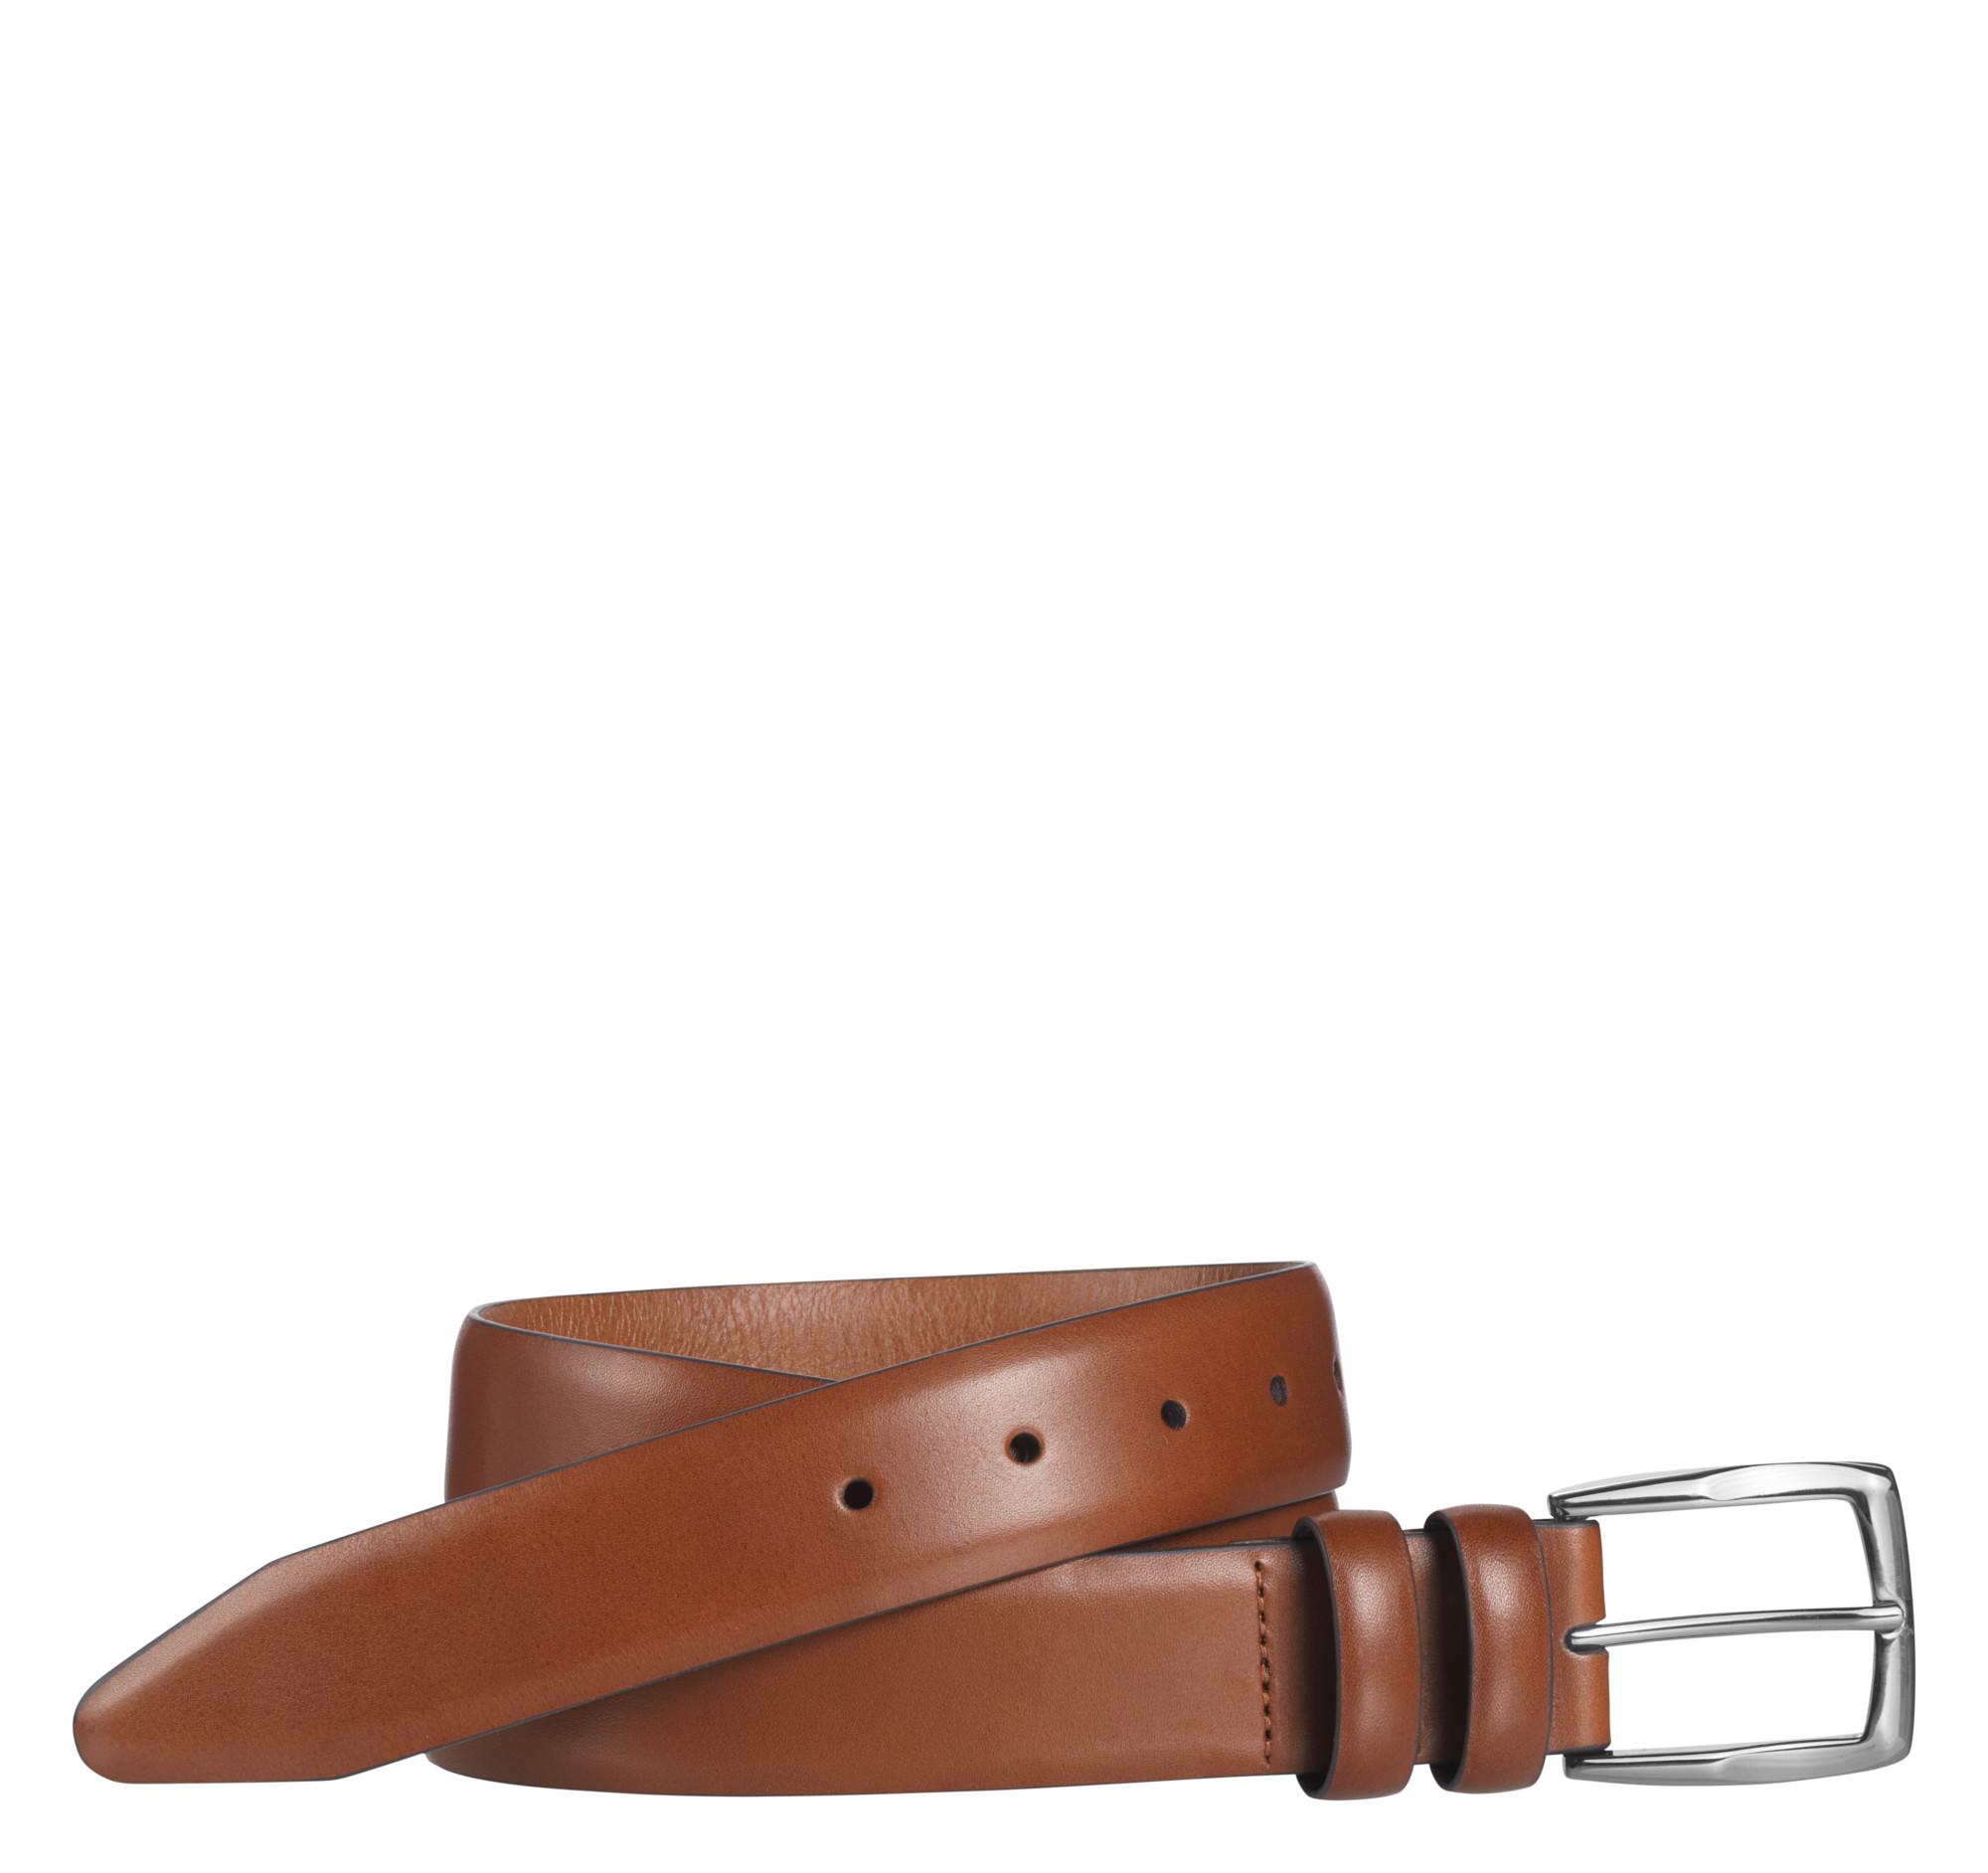 Johnston & Murphy Feather-Edge Belt